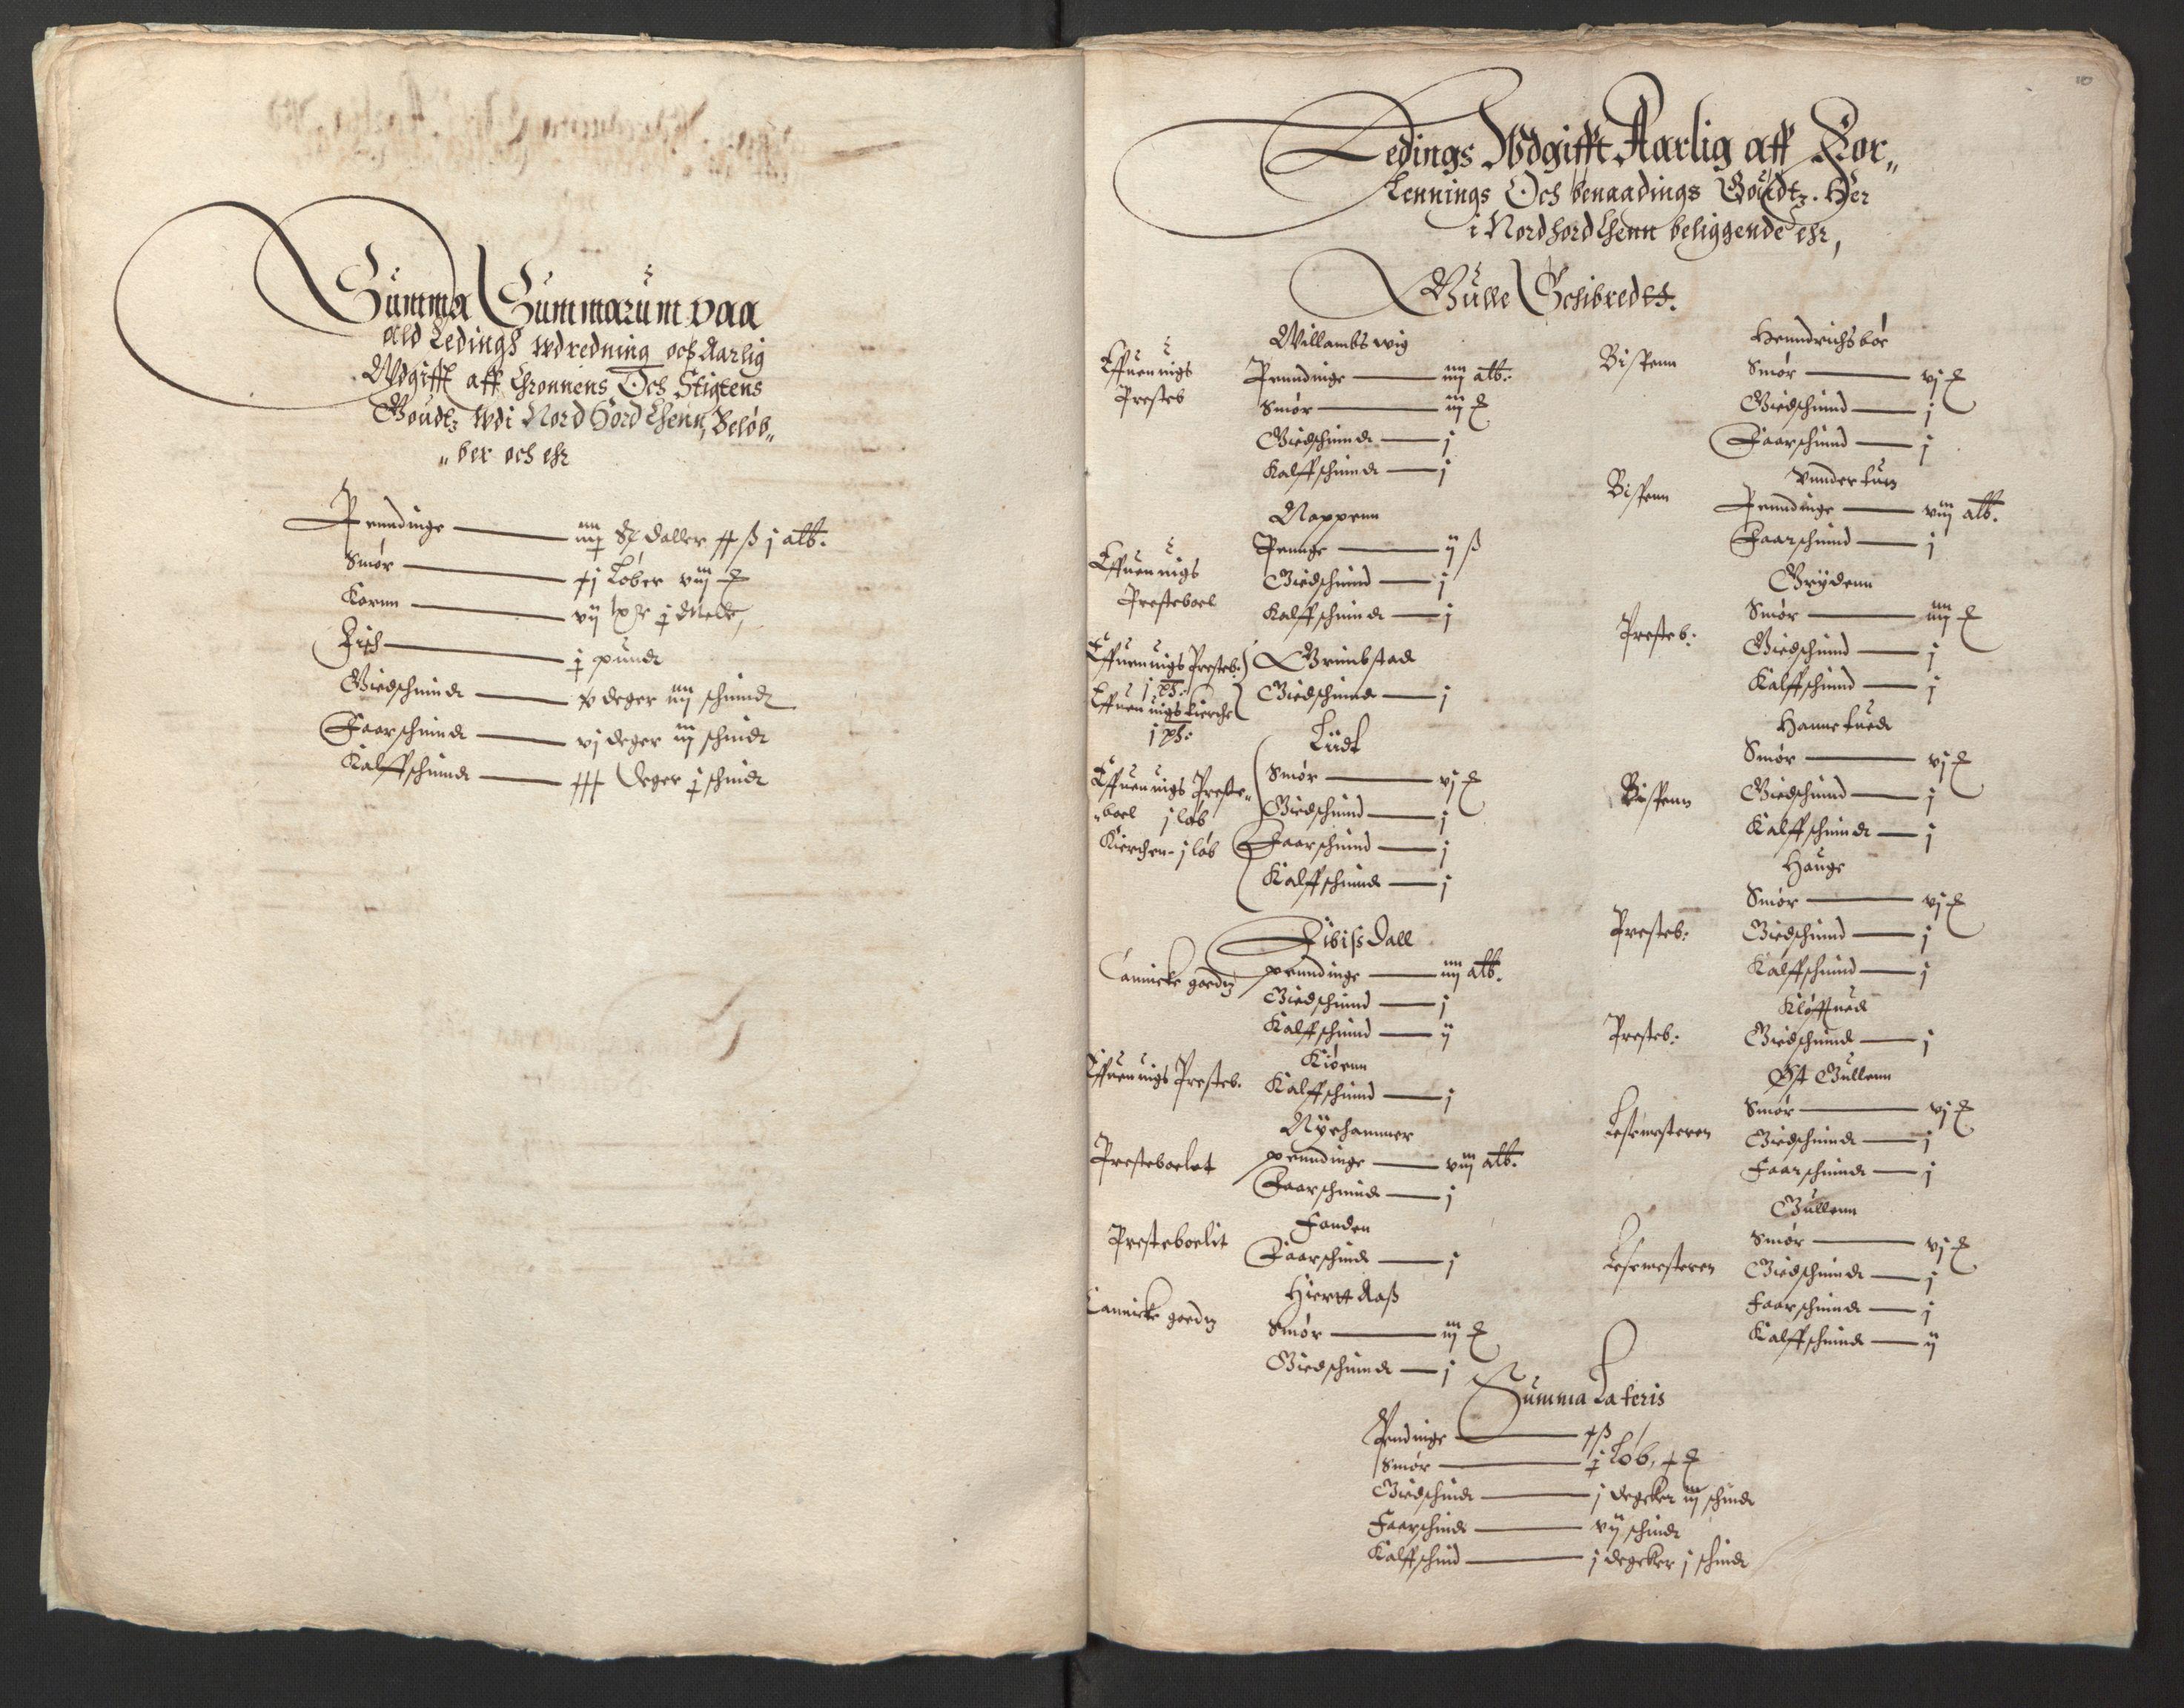 RA, Stattholderembetet 1572-1771, Ek/L0003: Jordebøker til utlikning av garnisonsskatt 1624-1626:, 1624-1625, s. 79